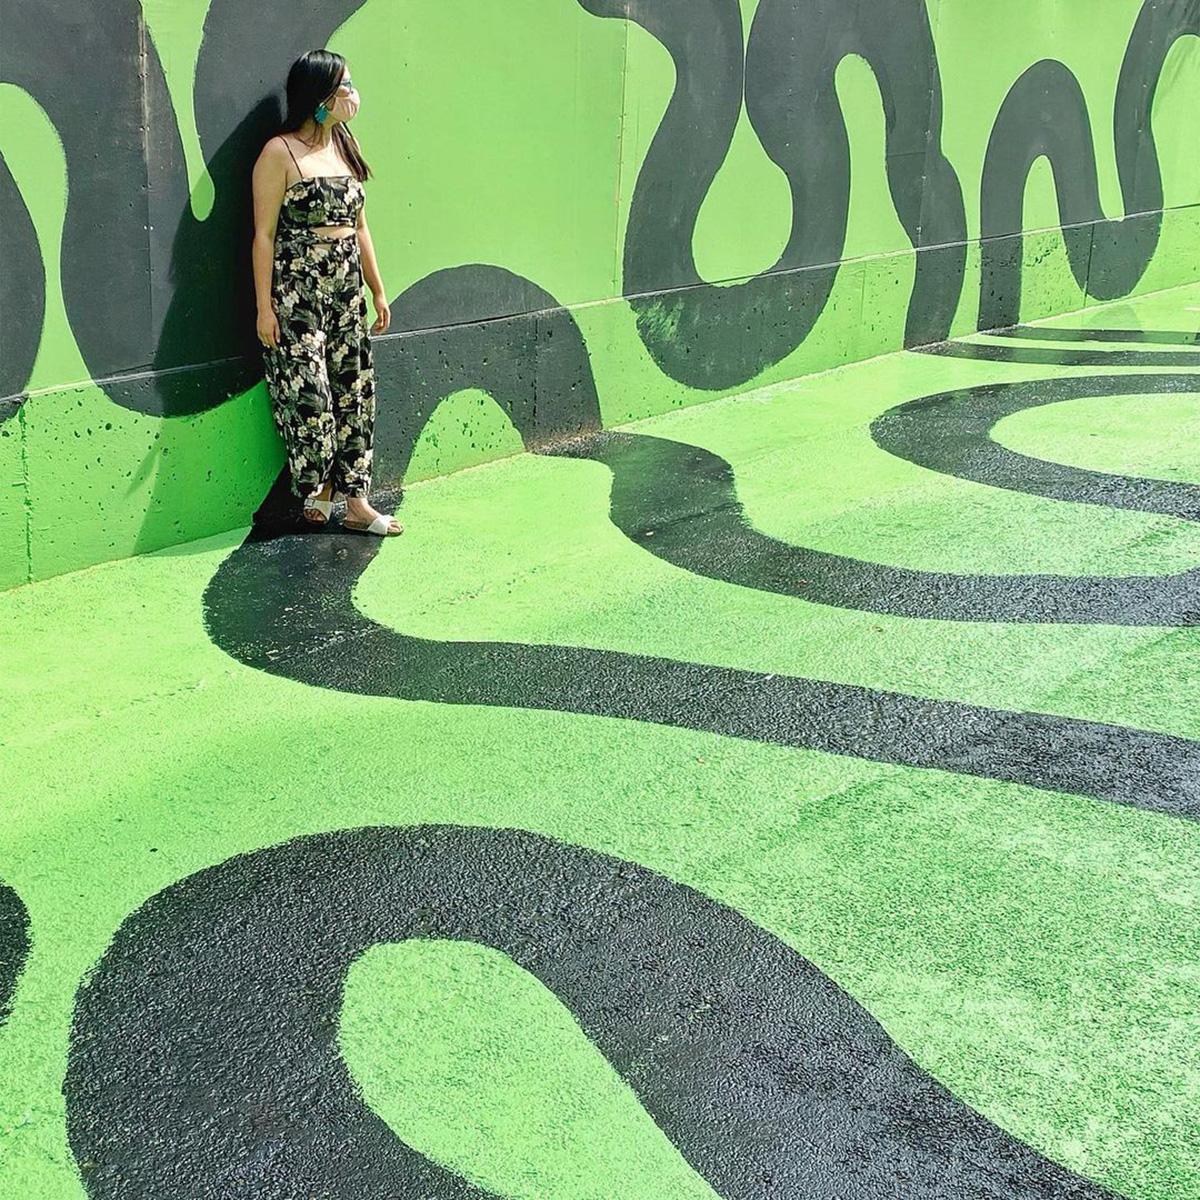 Instagrammable Walls of Edmonton - Explore Edmonton - Murals - Walls - 124 Street - Vignettes